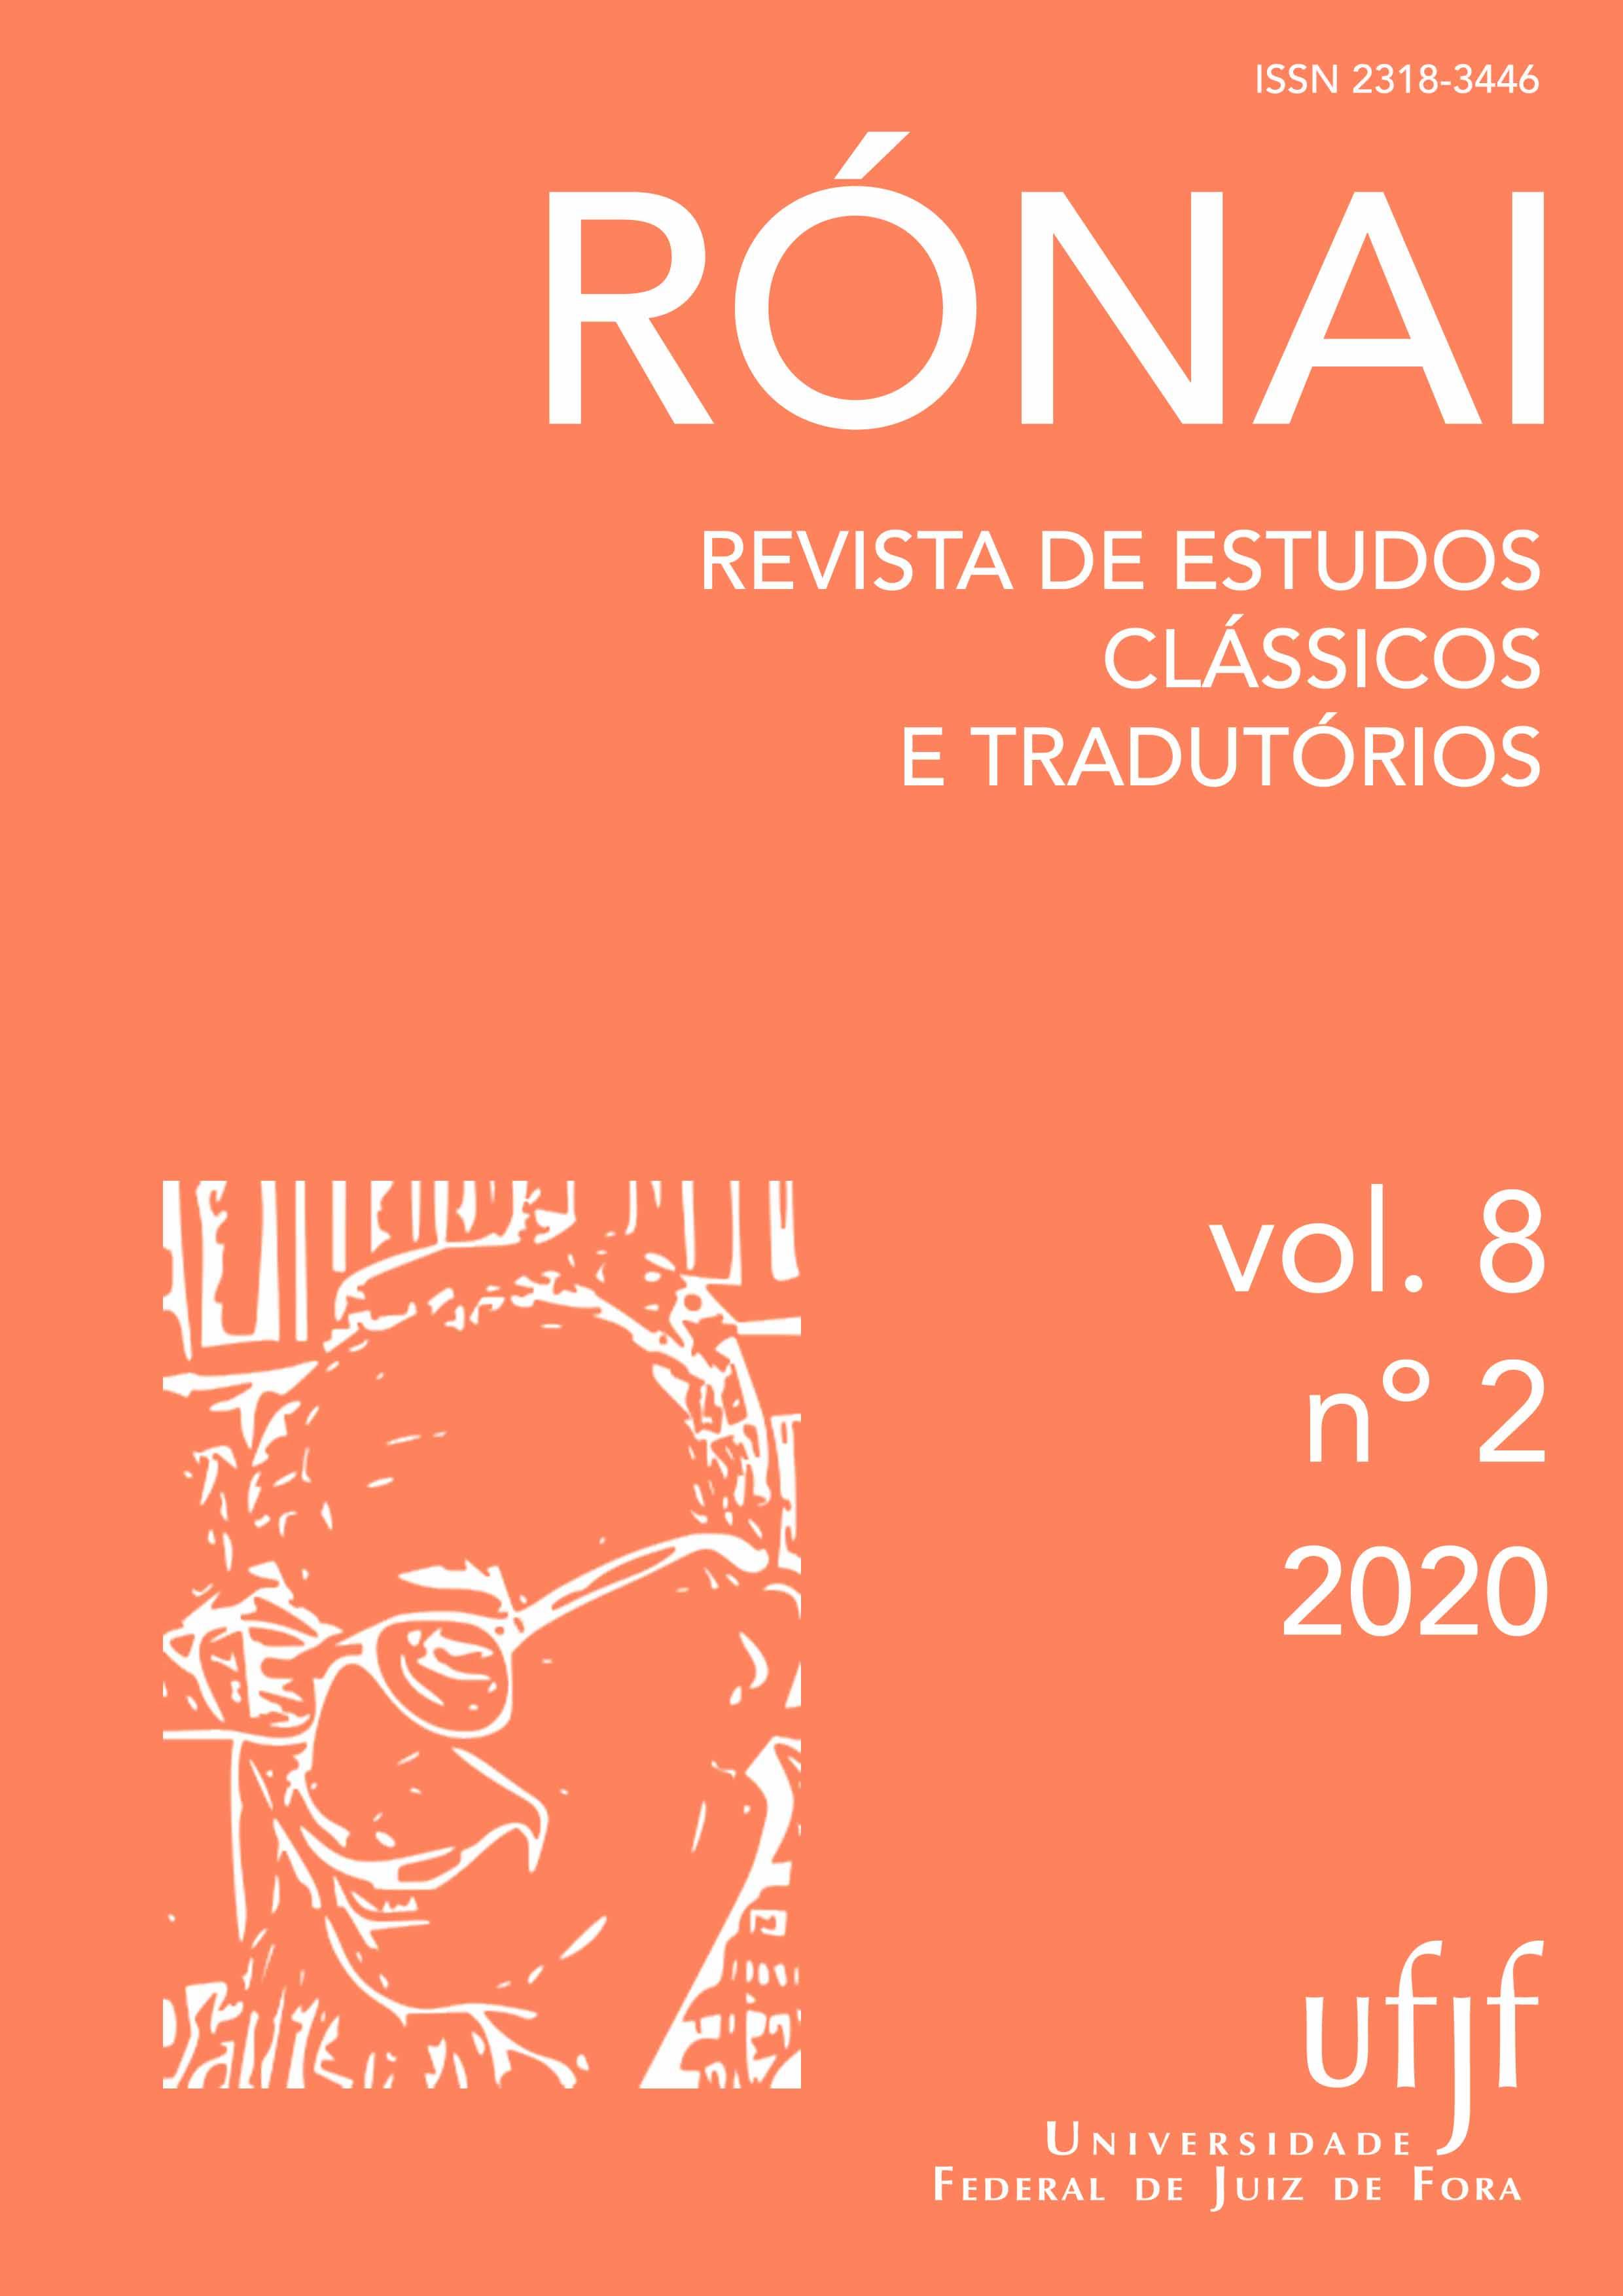 Visualizar v. 8 n. 2 (2020): Rónai: Revista de Estudos Clássicos e Tradutórios